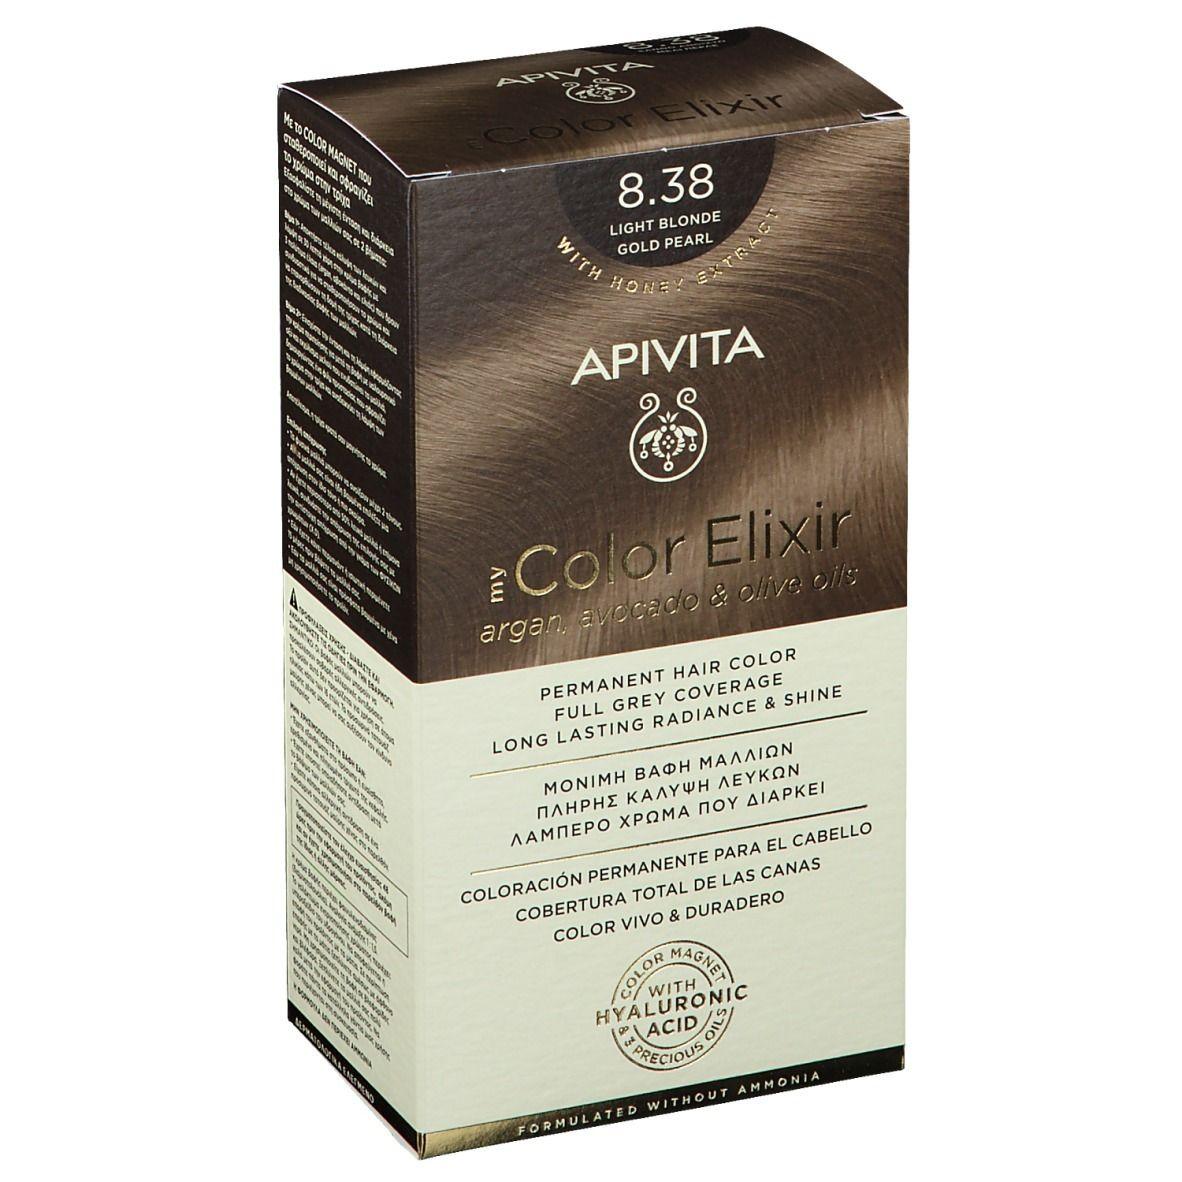 APIVITA My Color Elixir 8.38 Blond claire Gold Pearl pc(s) élixir